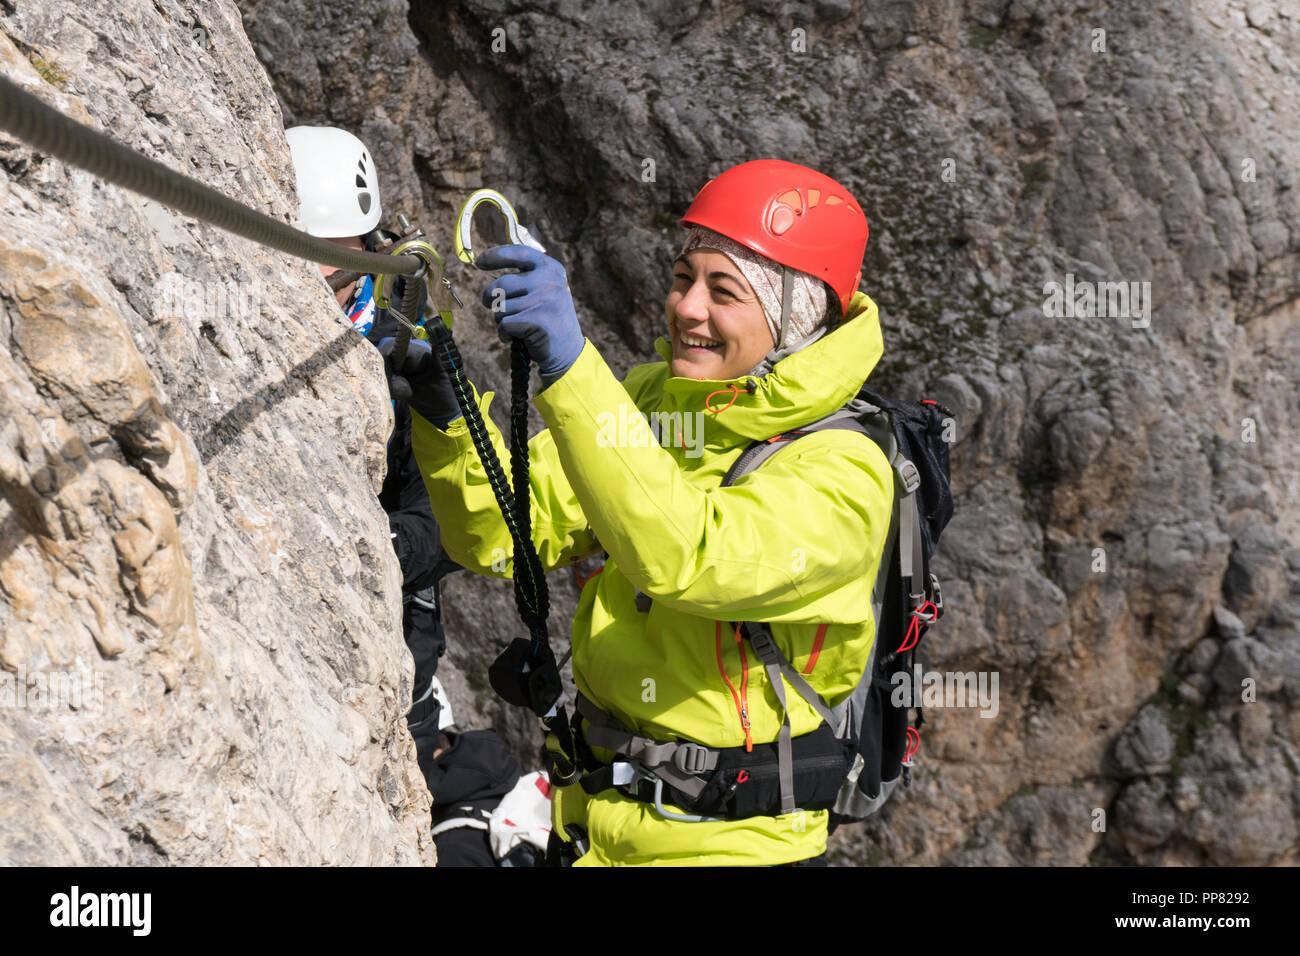 Klettersteig Weibl : Junge weibliche bergsteiger am klettersteig in den dolomiten